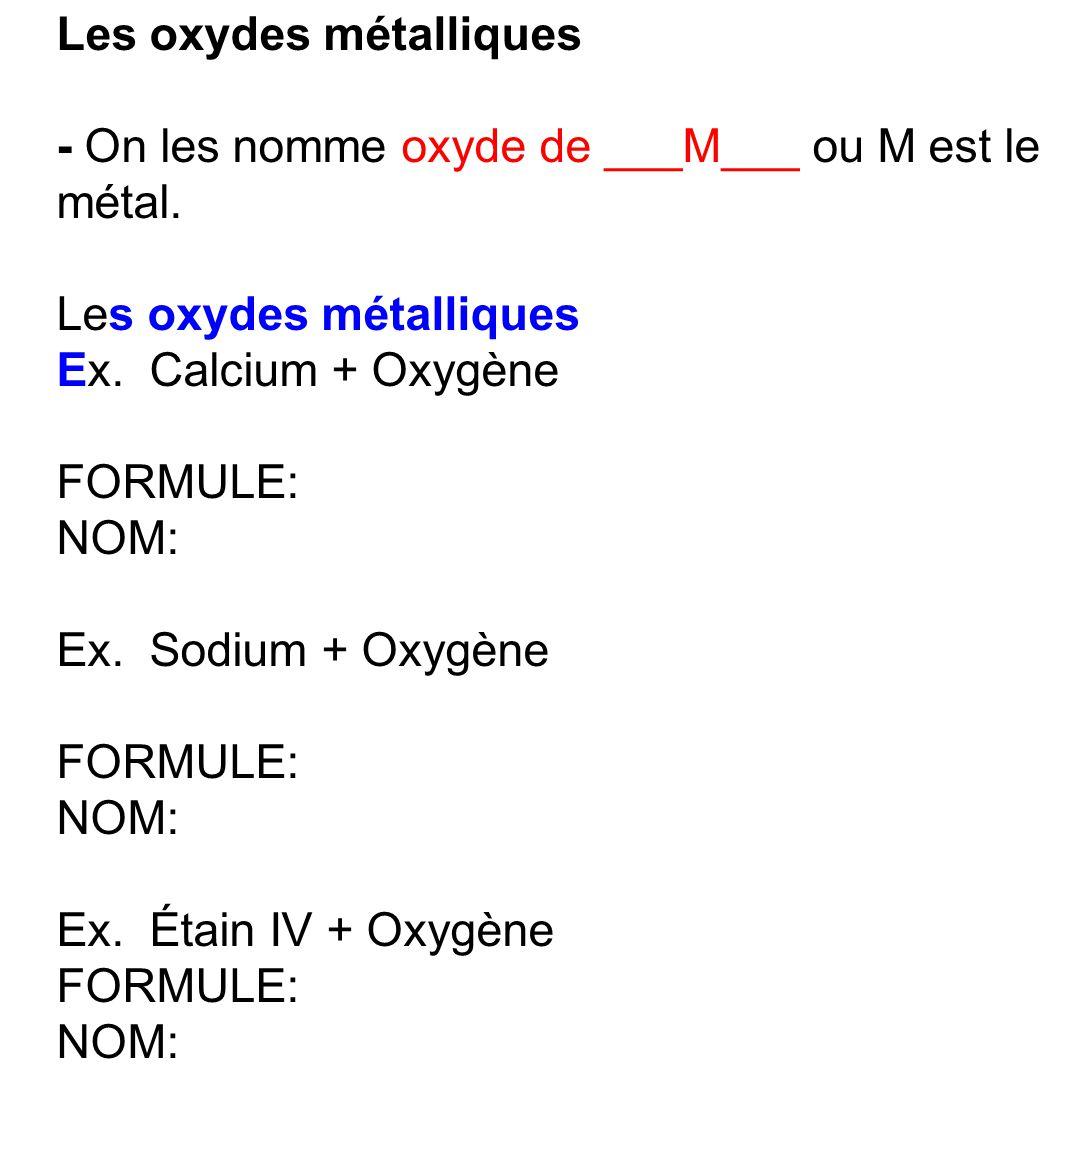 Les oxydes métalliques - On les nomme oxyde de ___M___ ou M est le métal. Les oxydes métalliques Ex. Calcium + Oxygène FORMULE: NOM: Ex. Sodium + Oxyg